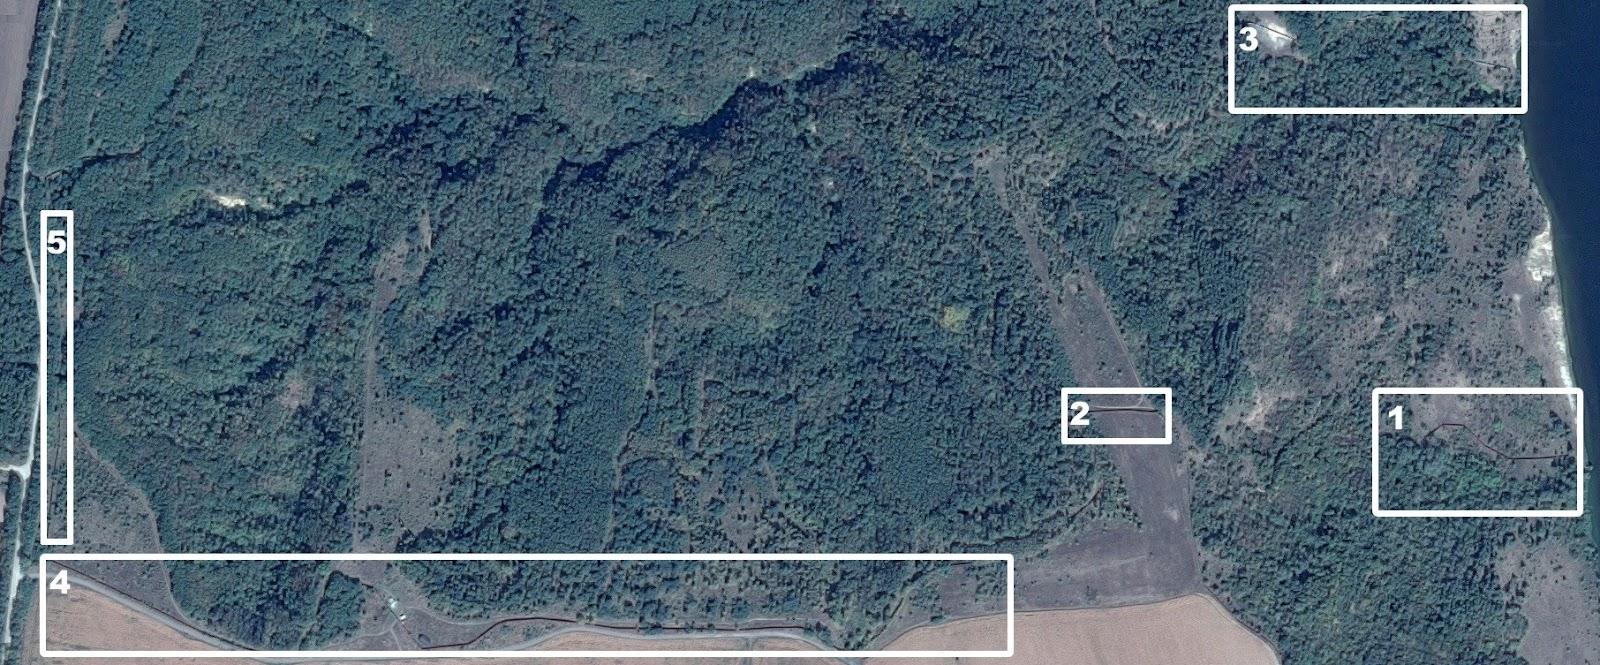 Лісовий масив, підконтрольний родині Хорошковських